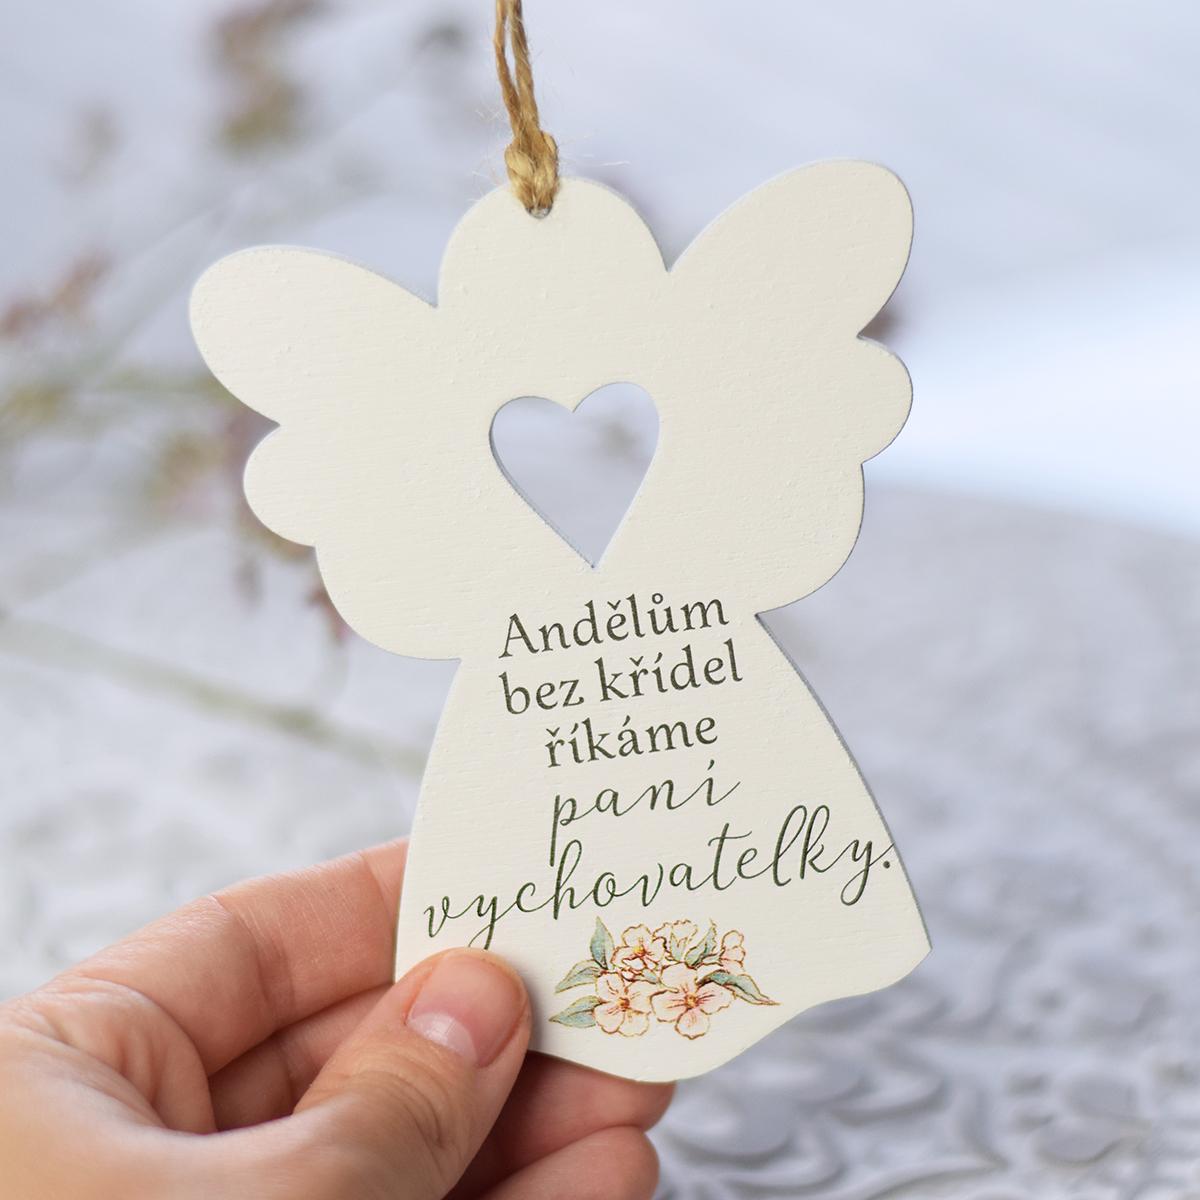 HOUSEDECOR Anděl se srdcem - Paní vychovatelce